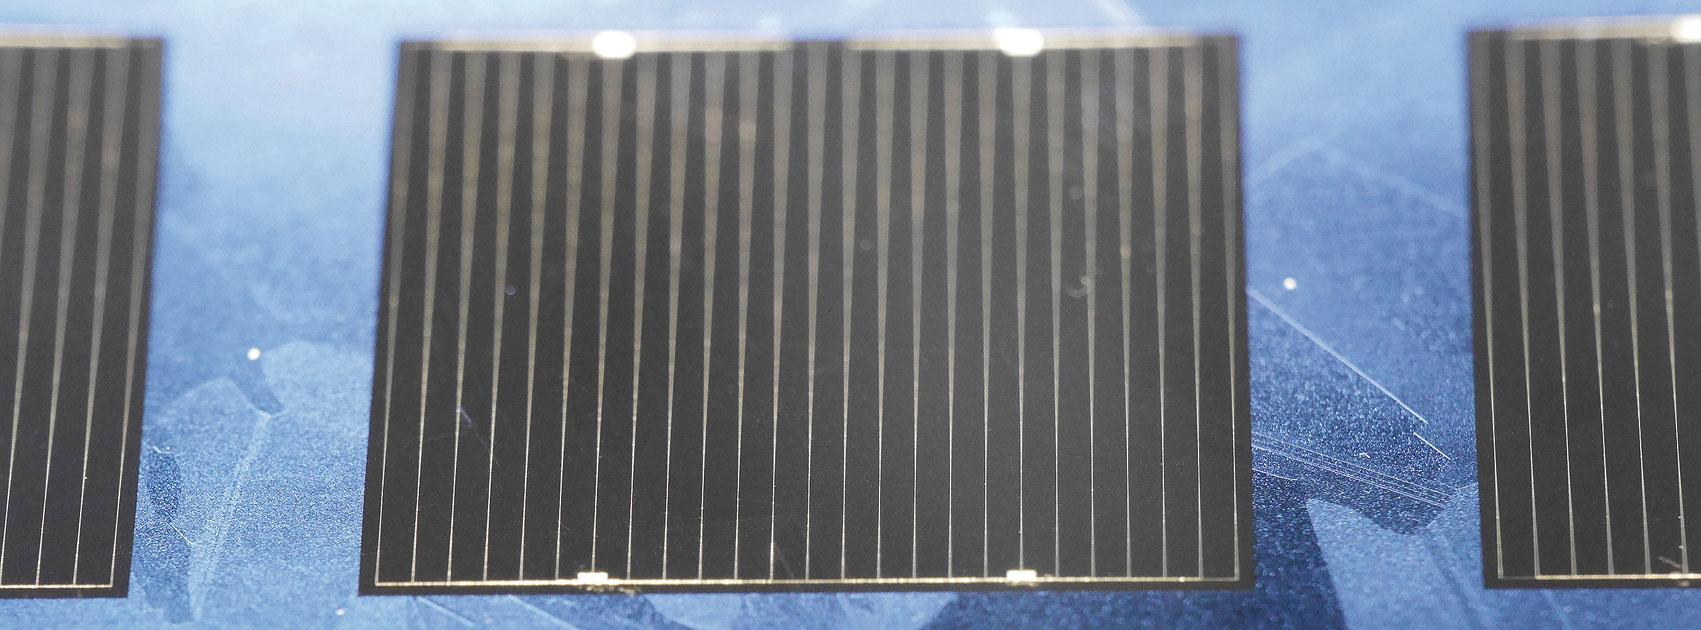 Energía fotovoltaica. Nuevo record de eficiencia del  22,3 % para el silicio multicristalino